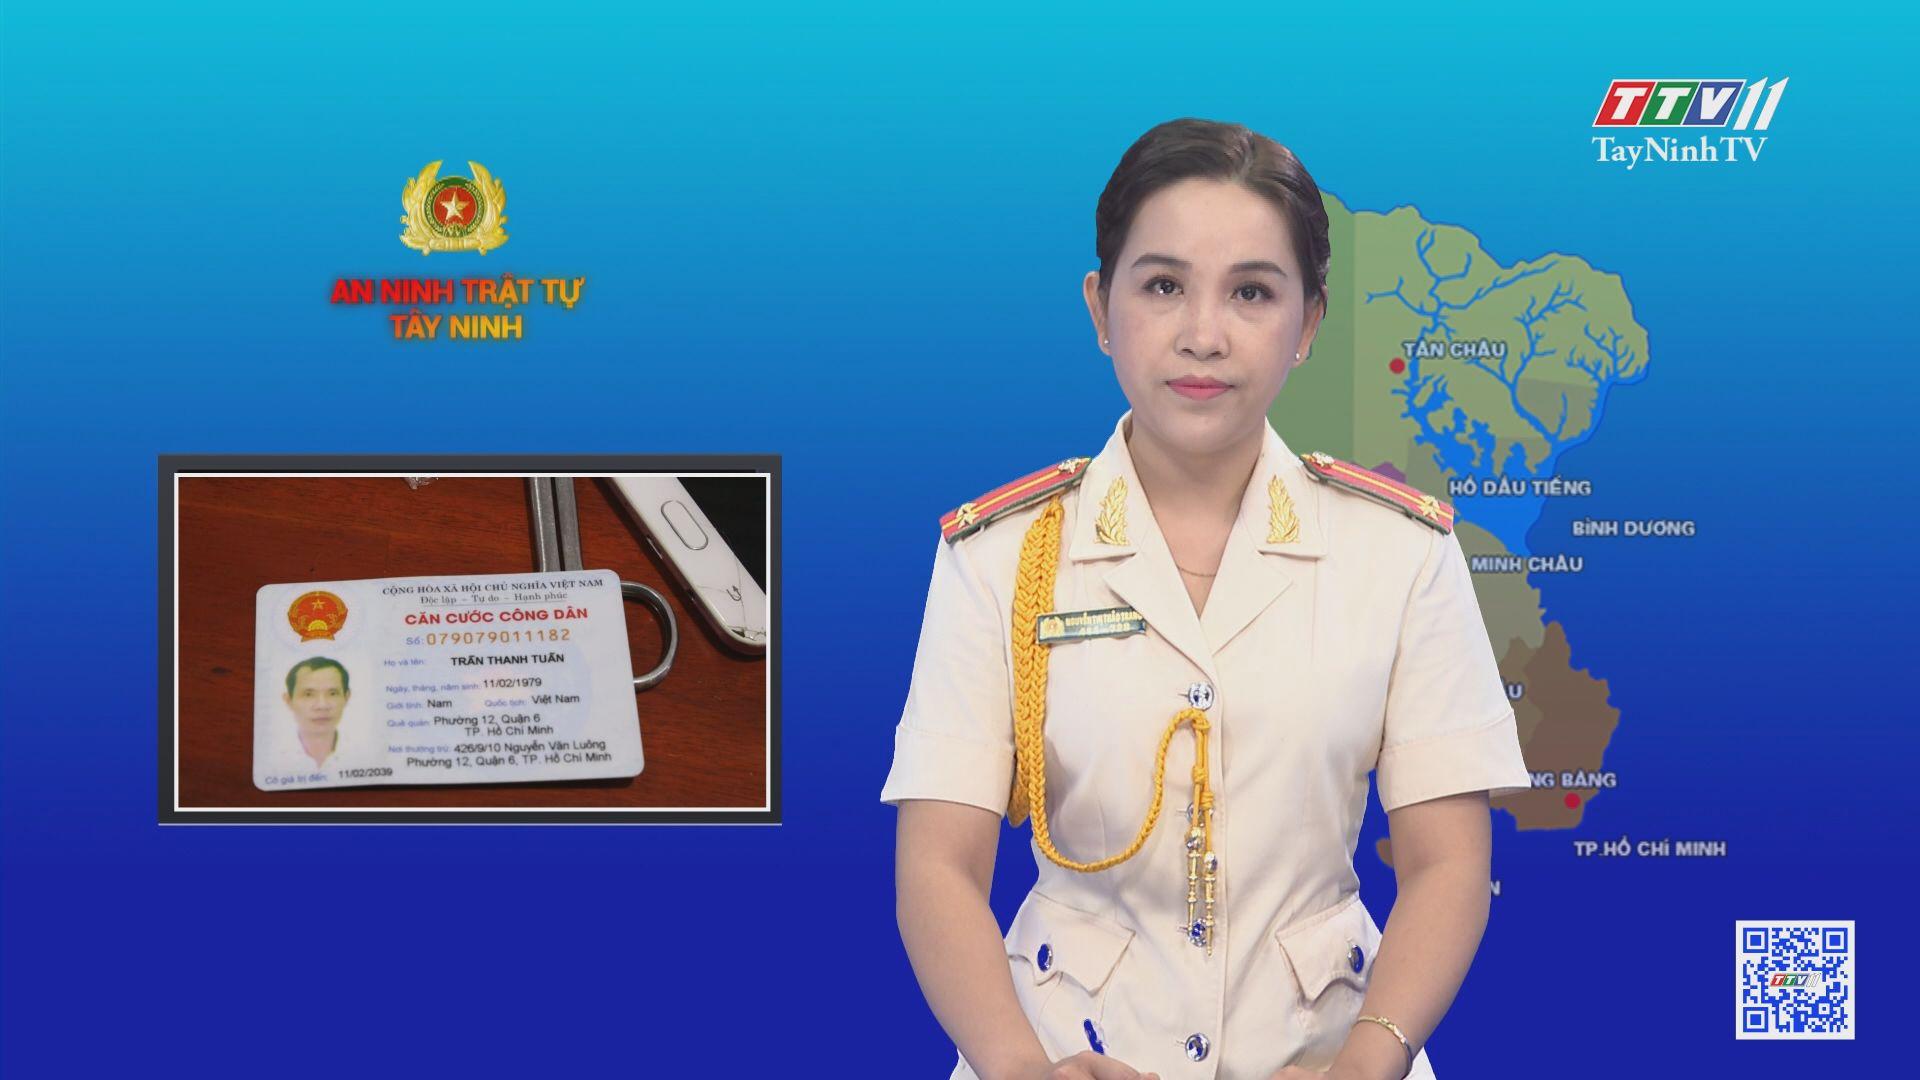 CA huyện Dương Minh Châu tạm giữ hình sự 2 đối tượng vận chuyển trái phép chất ma túy | AN NINH TÂY NINH | TayNinhTV